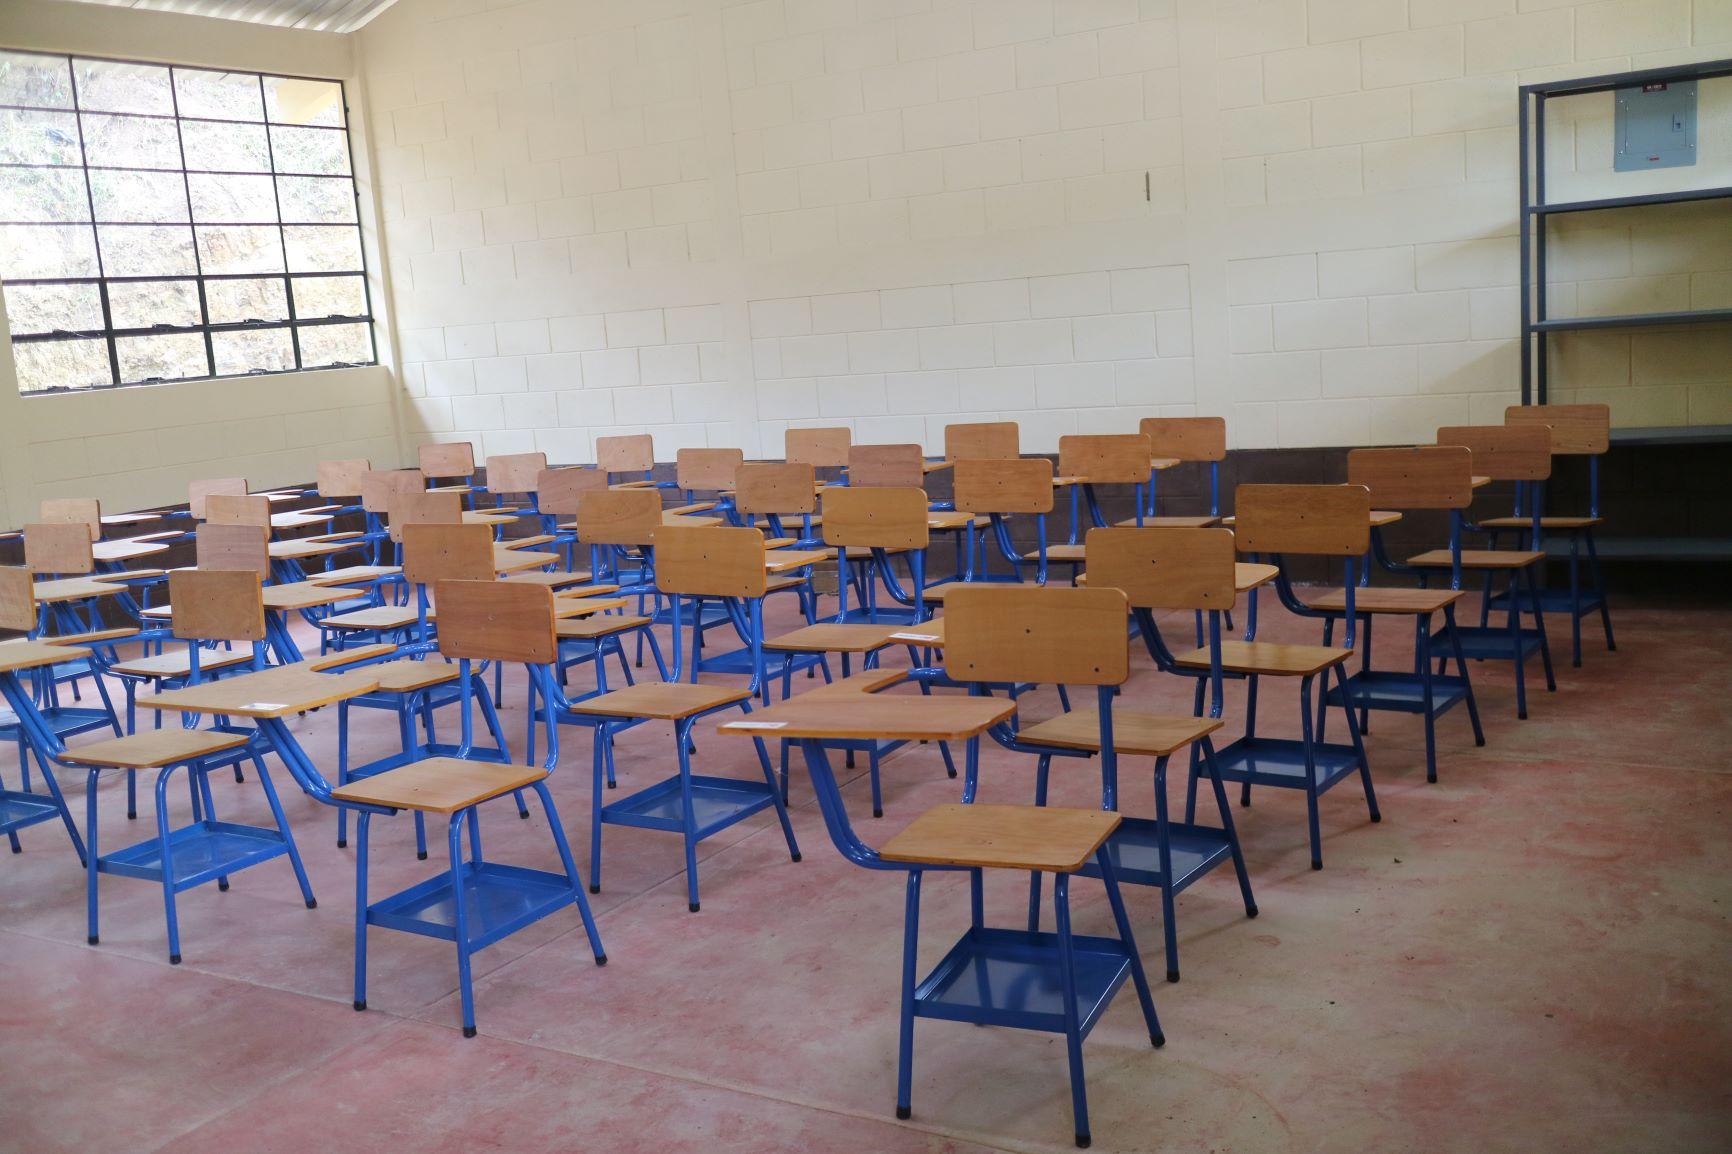 「ウエウエテナンゴ県ハカルテナンゴ市サン・アンドレス・ウイスタ集落小学校再建計画」引渡式